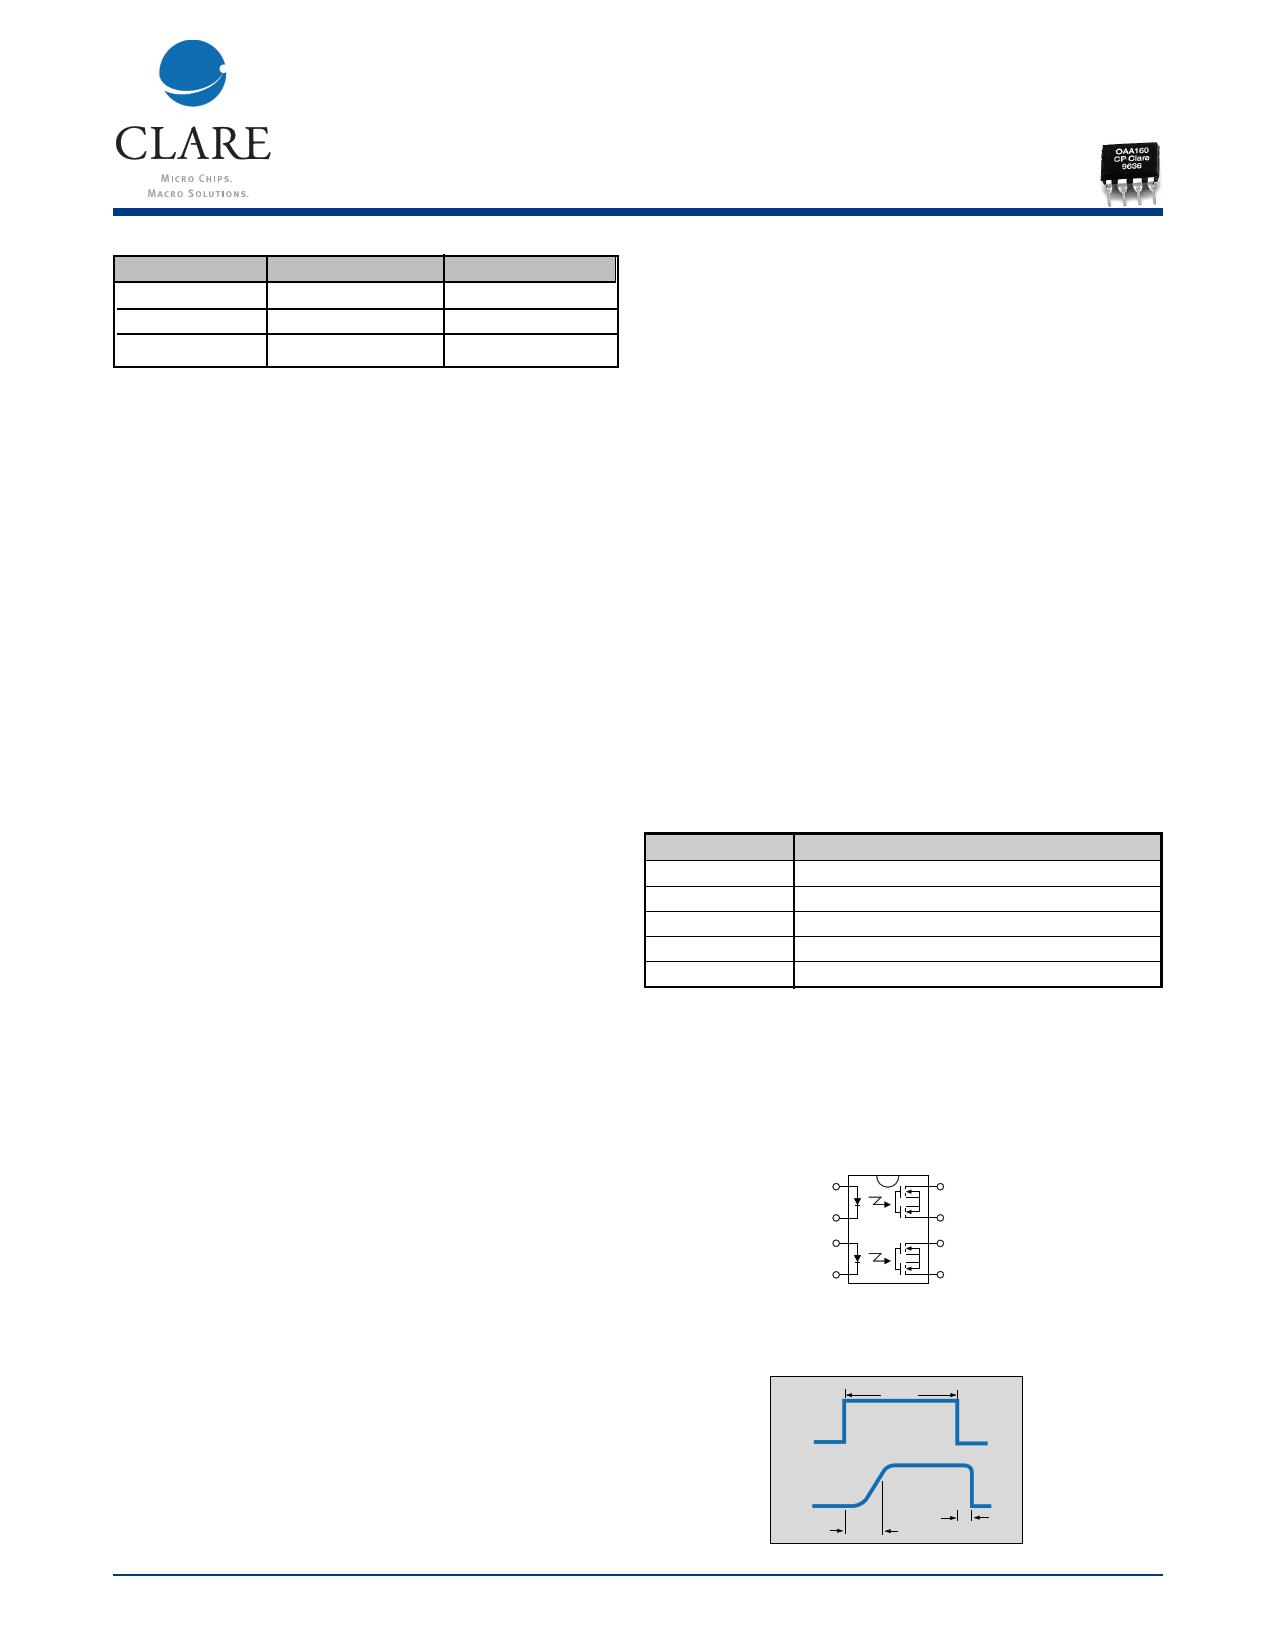 OAA160 datasheet